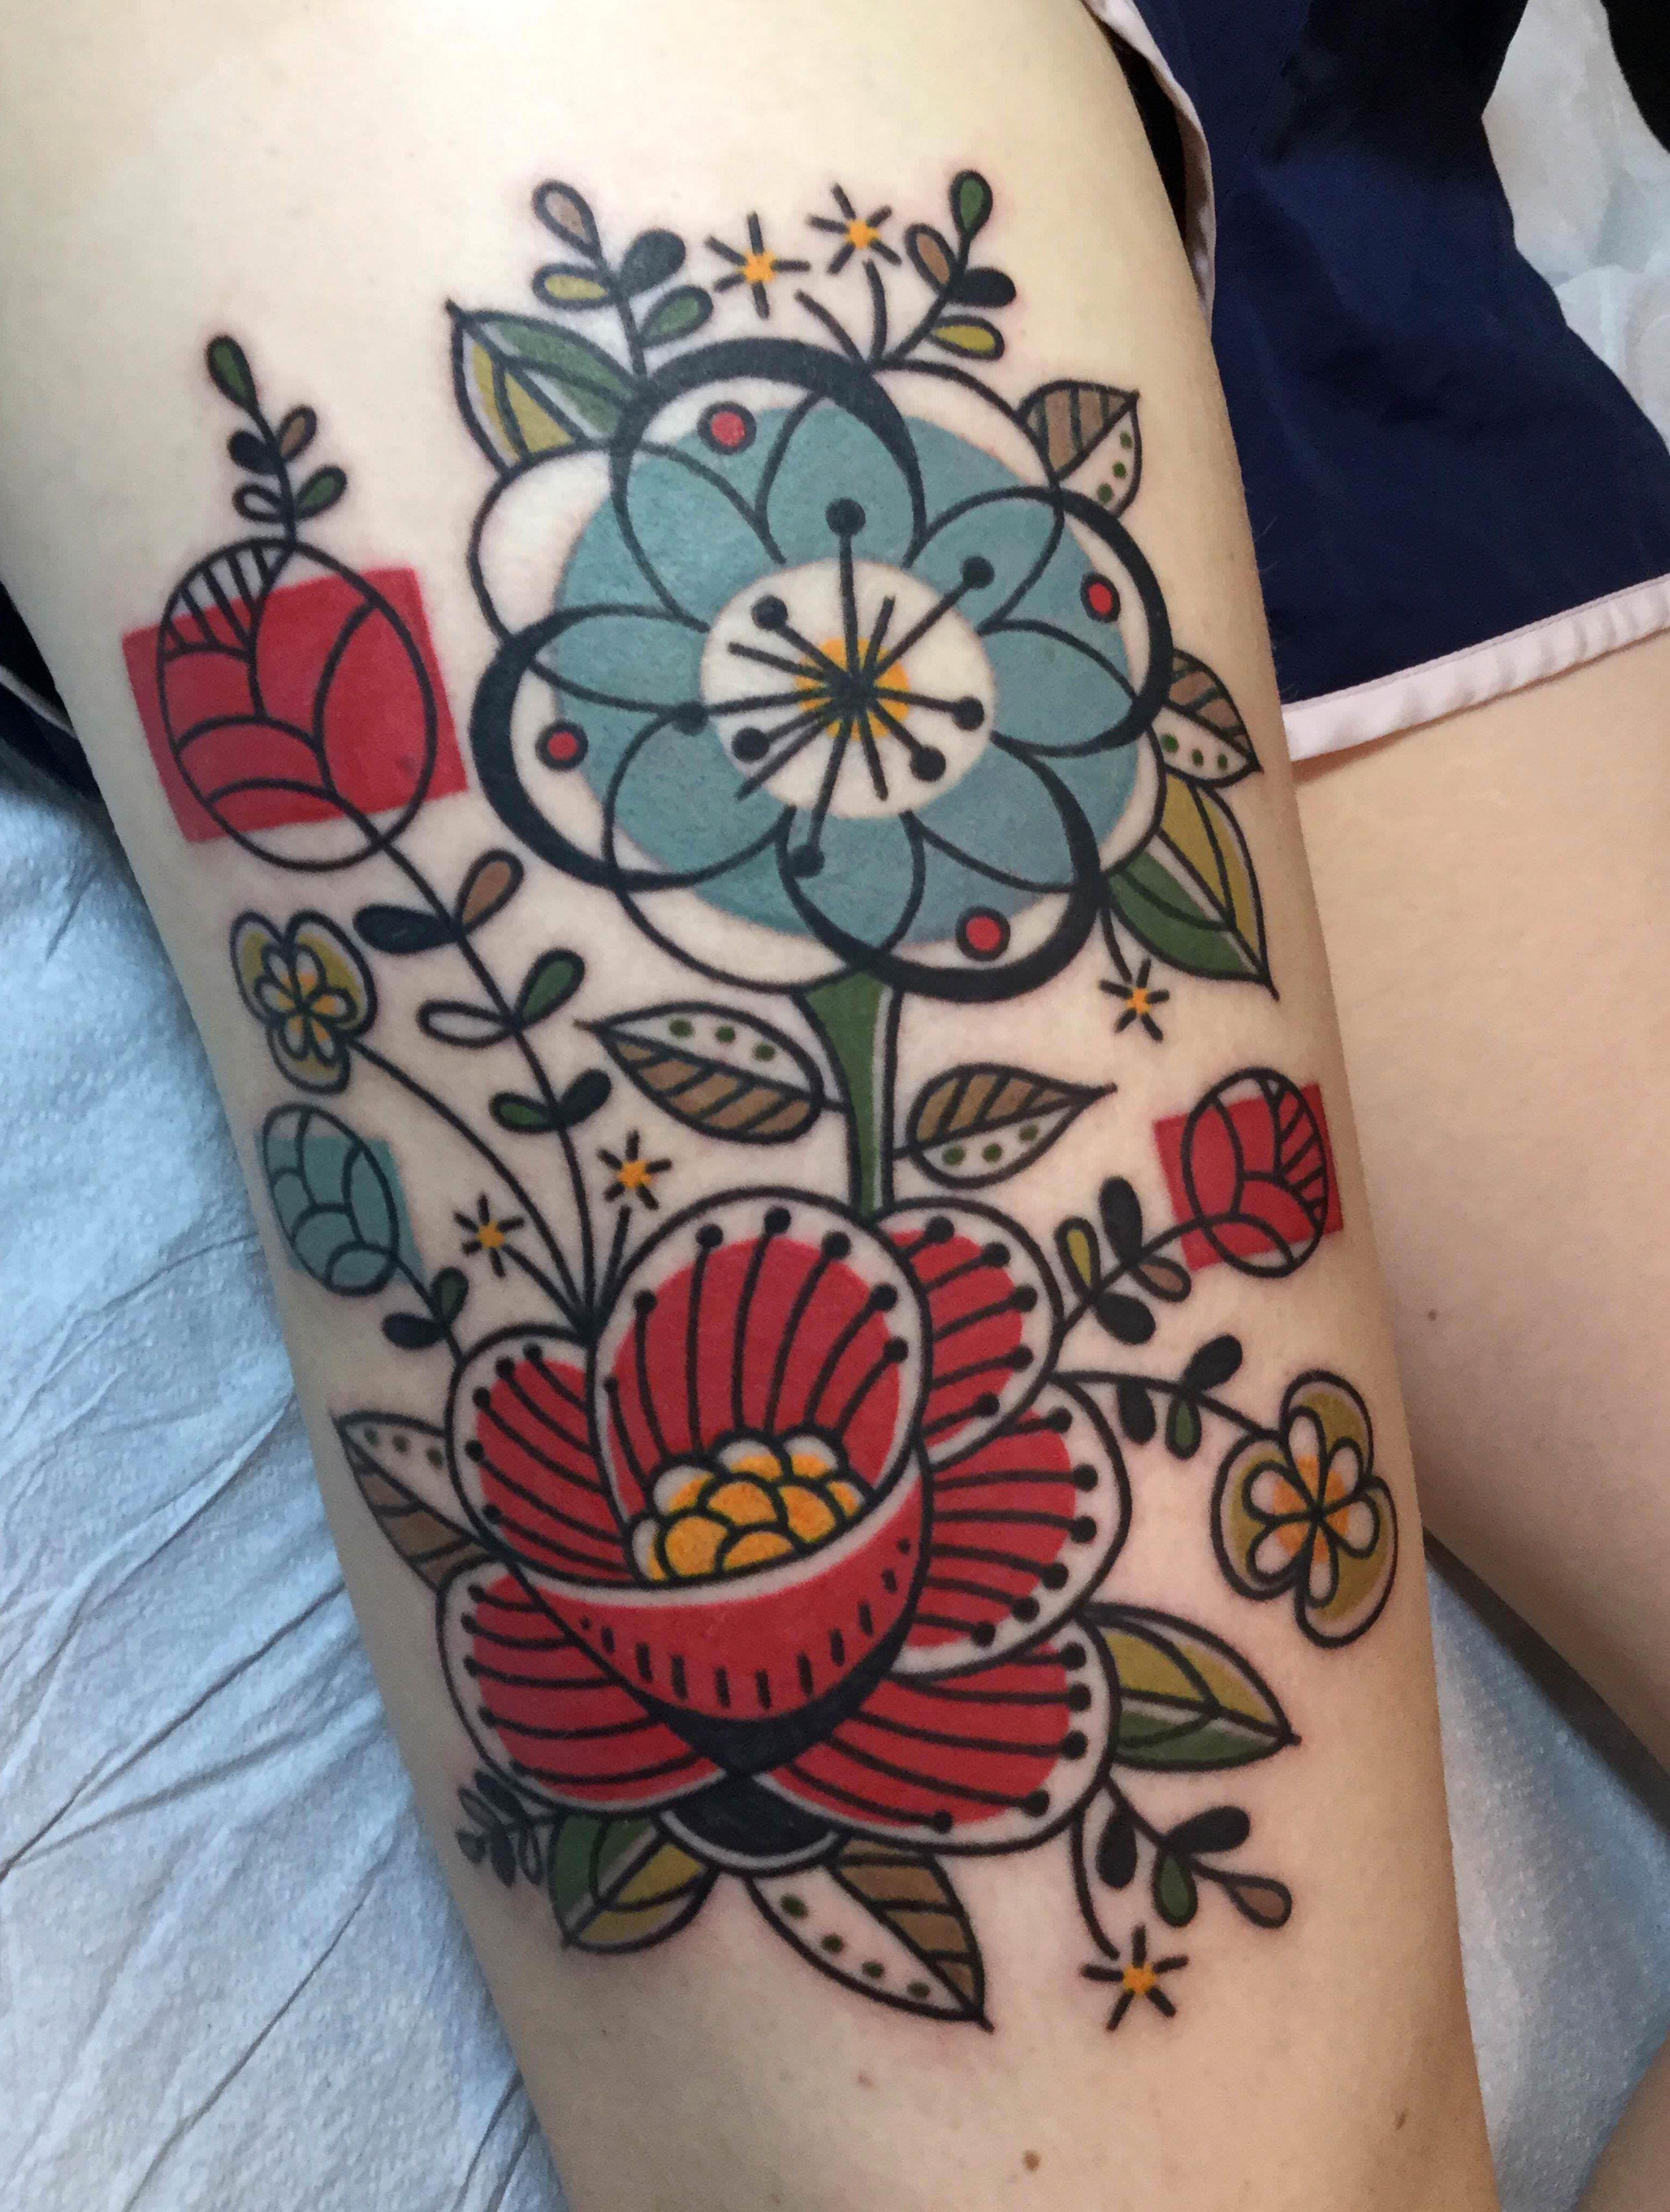 Floral Tattoo By Jen Trok At Speakeasy Custom Tattoo Chicago Il Evamigtattoos Tattoo Tattoos Speakeasy Tattoo Custom Tattoo